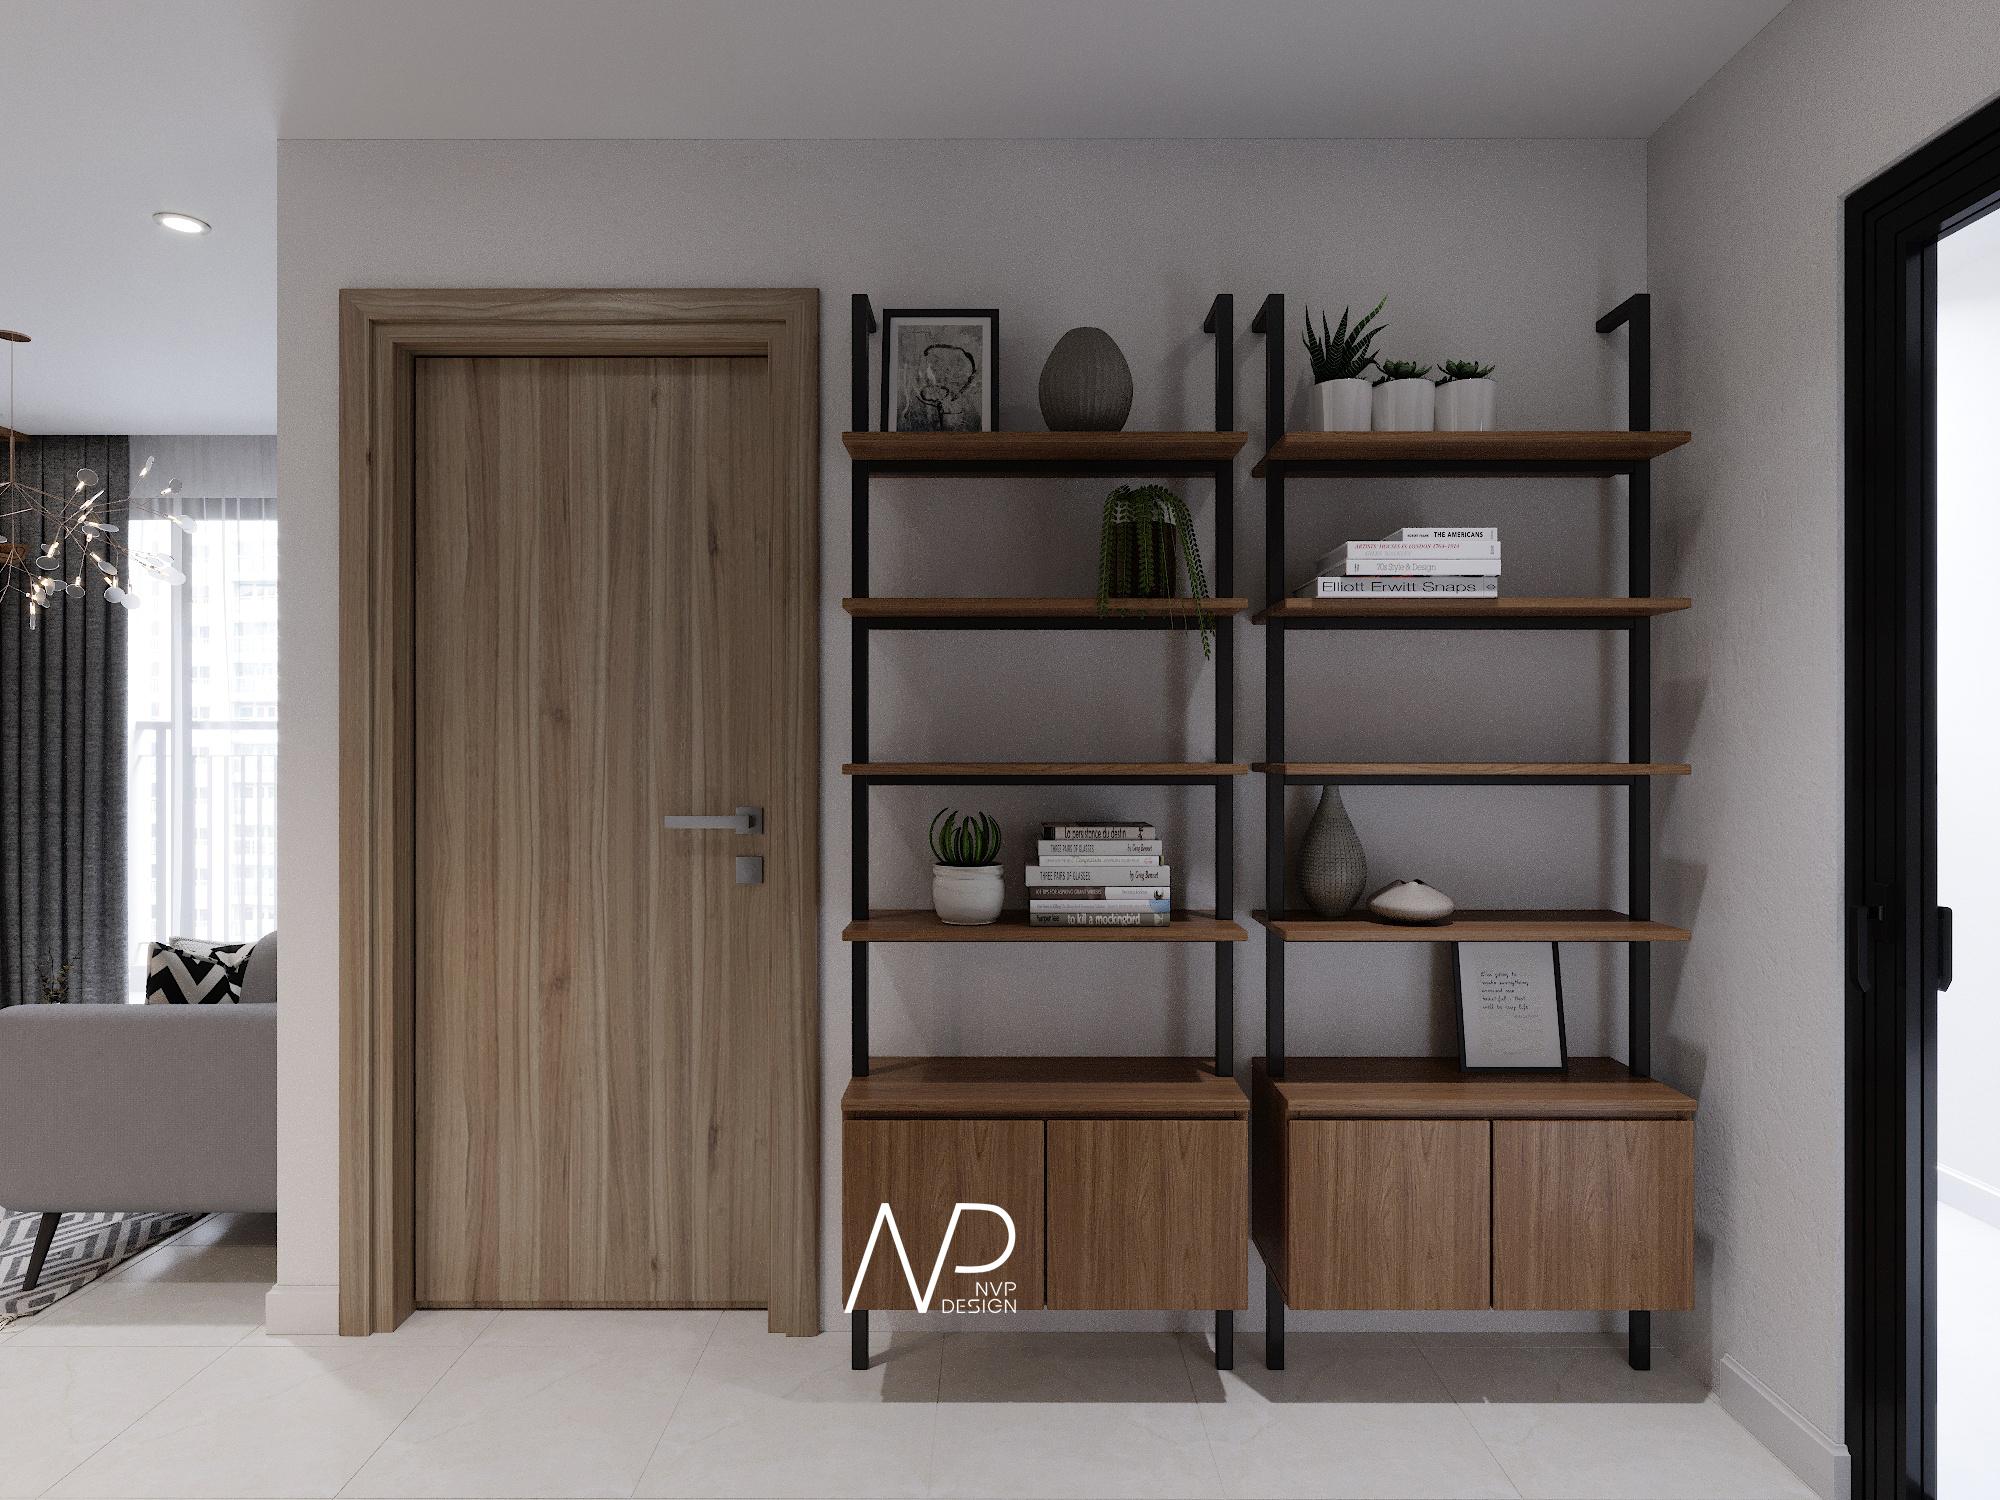 Thiết kế nội thất Chung Cư tại Hà Nội Chung cư OceanPark Gia Lâm Hà Nội 1591354630 4